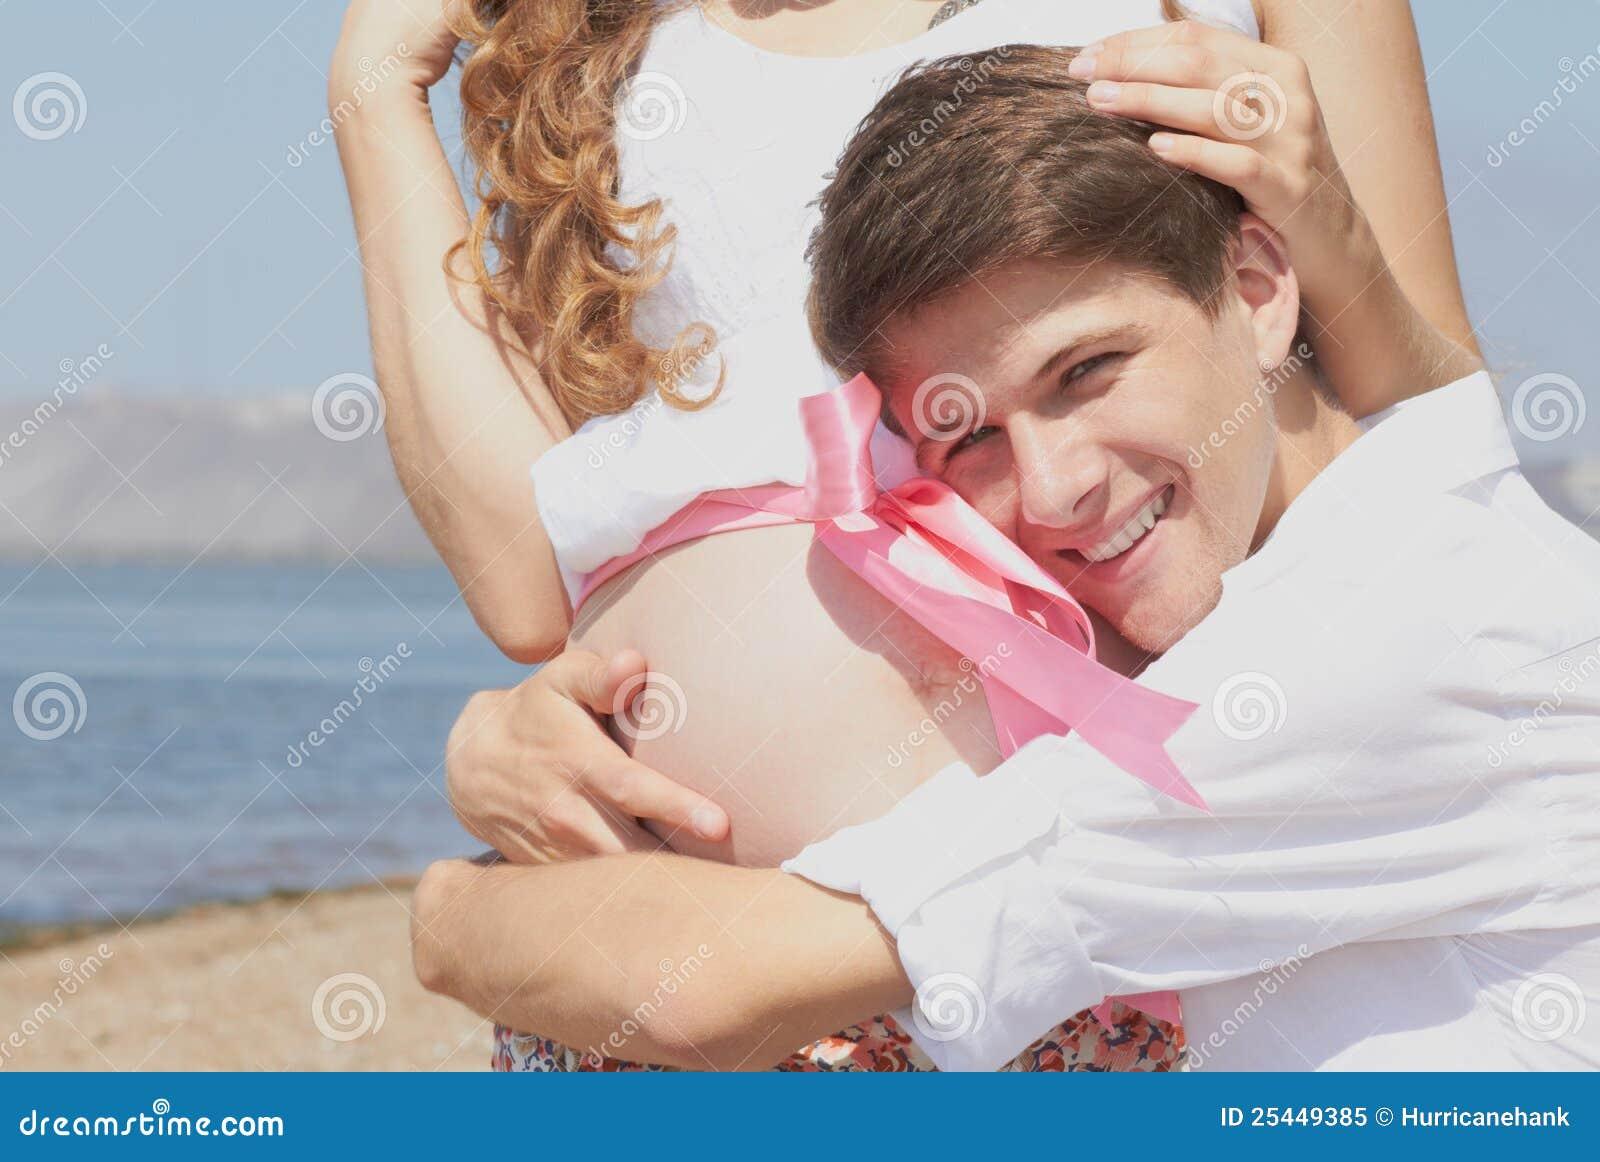 Фото беременых пезд 20 фотография